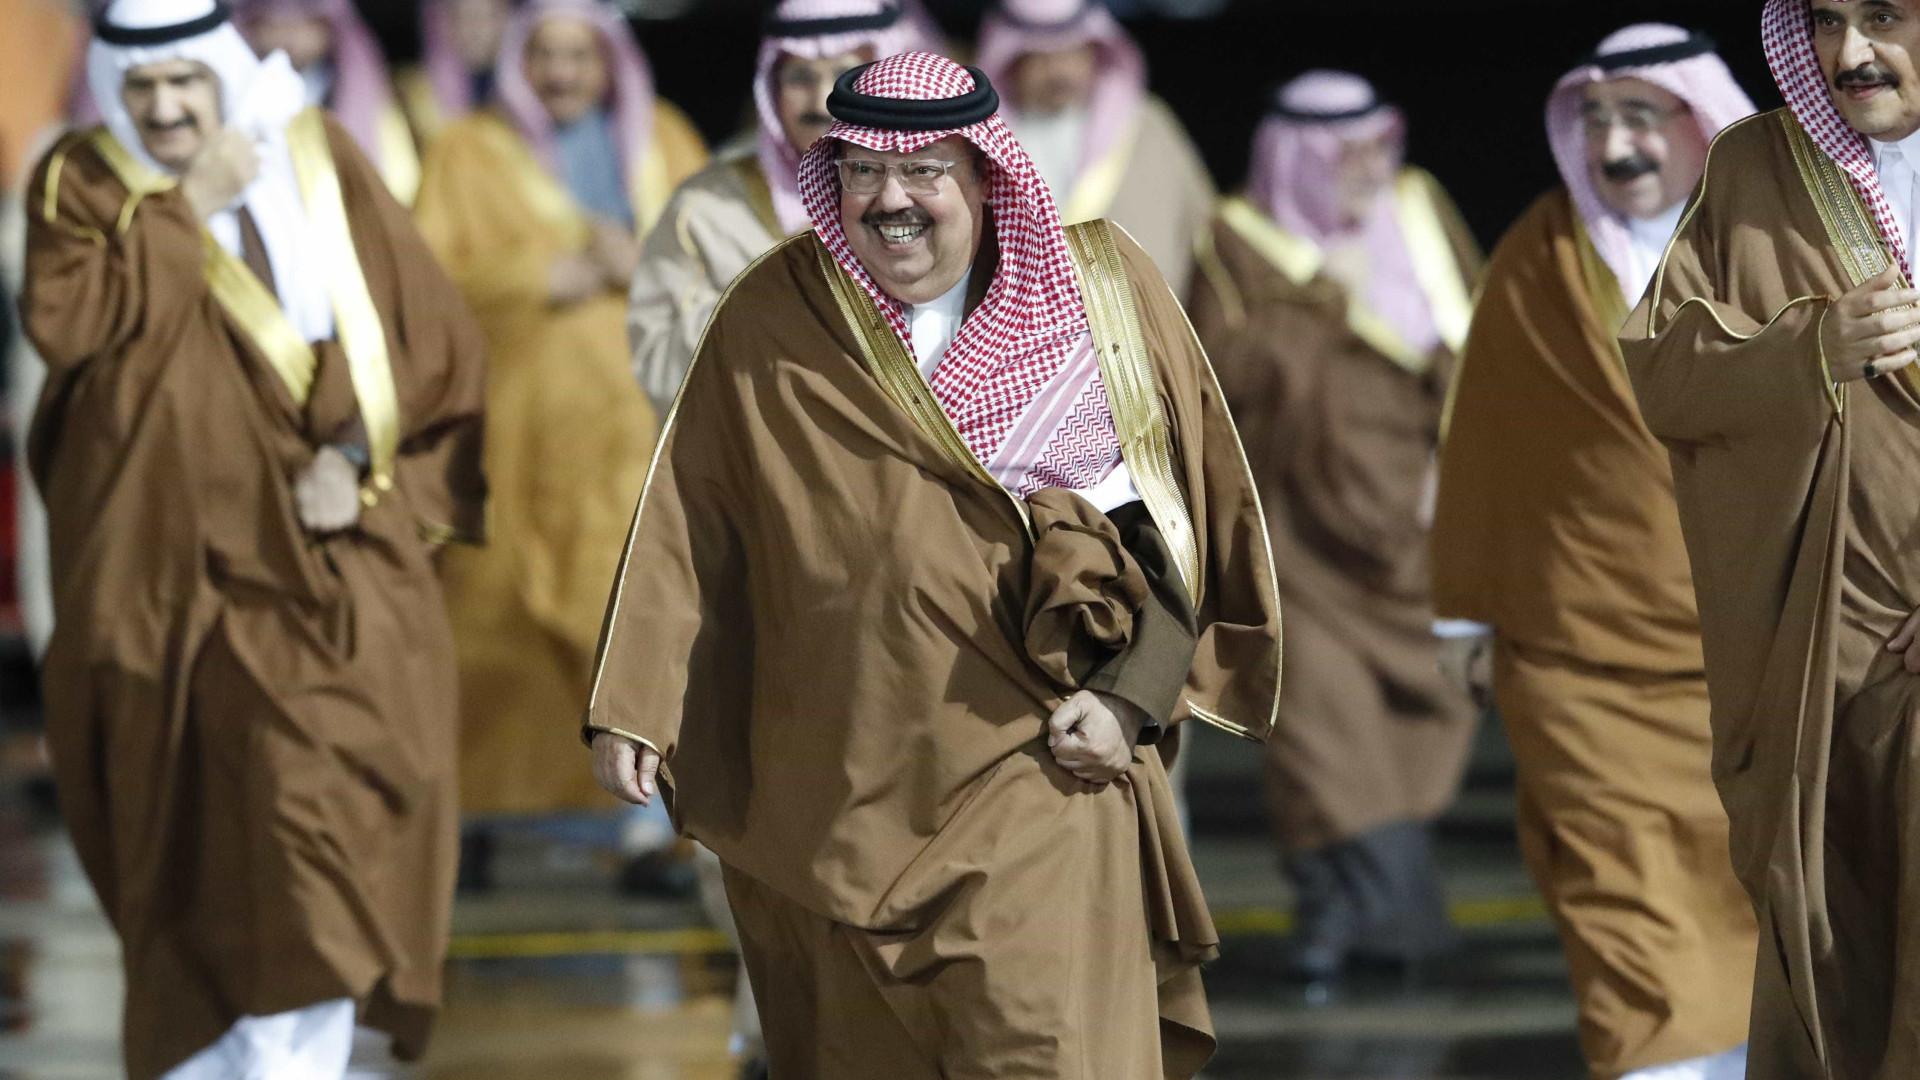 Autoridades da Arábia Saudita prendem príncipes e ministros